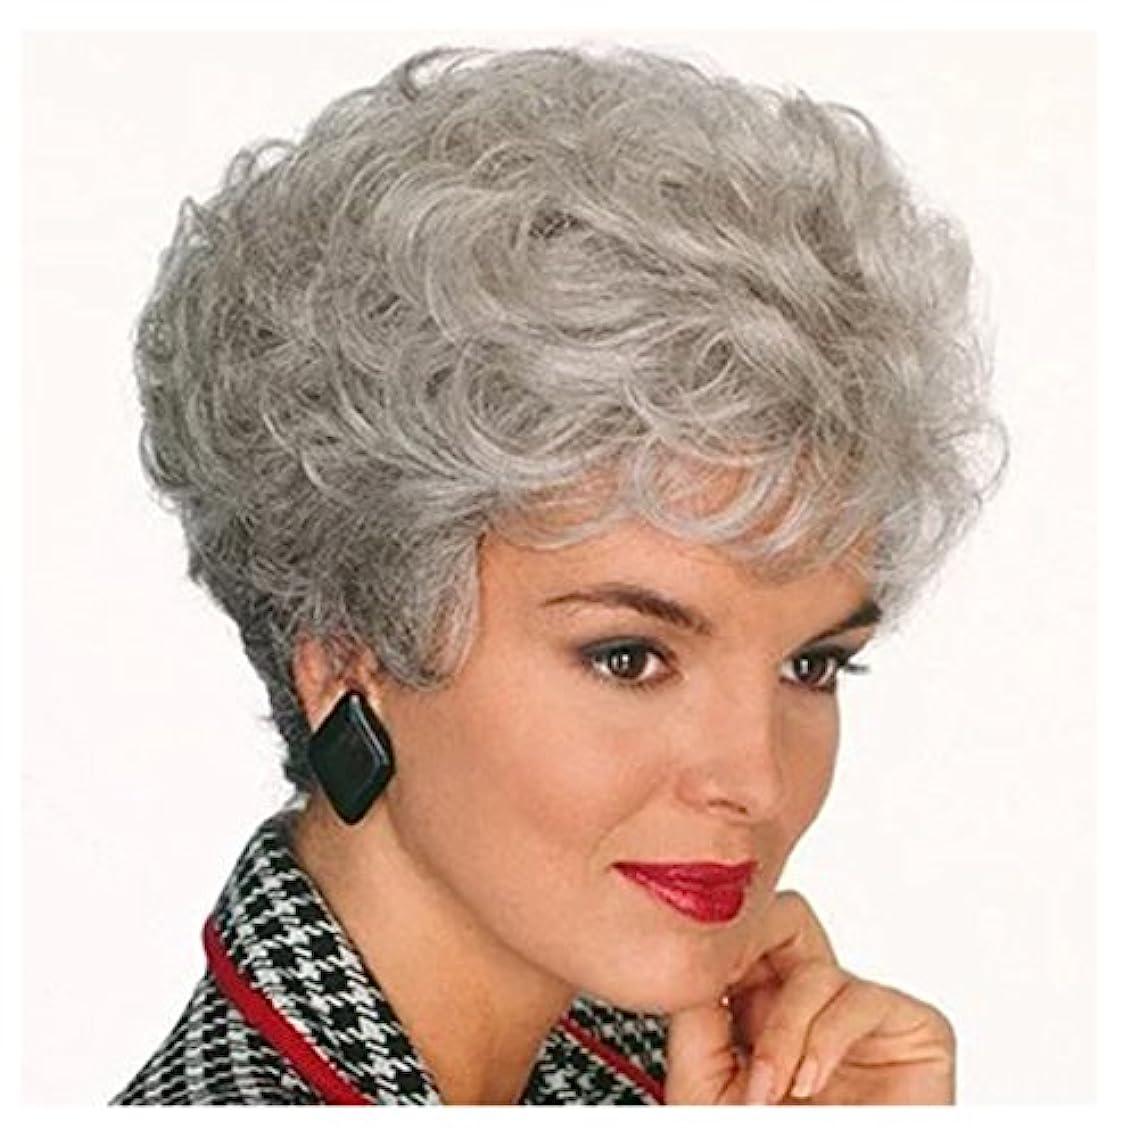 谷シーン知っているに立ち寄るYOUQIU コスプレ中年と古い人々のために150グラムフラッツ前髪ウィッグで女性や男性の髪ふわふわナチュラルウィッグ用ショート全頭ウィッグ(黒/ダークブラウン/ライトブラウン/グレー)ウィッグ (色 : グレー)